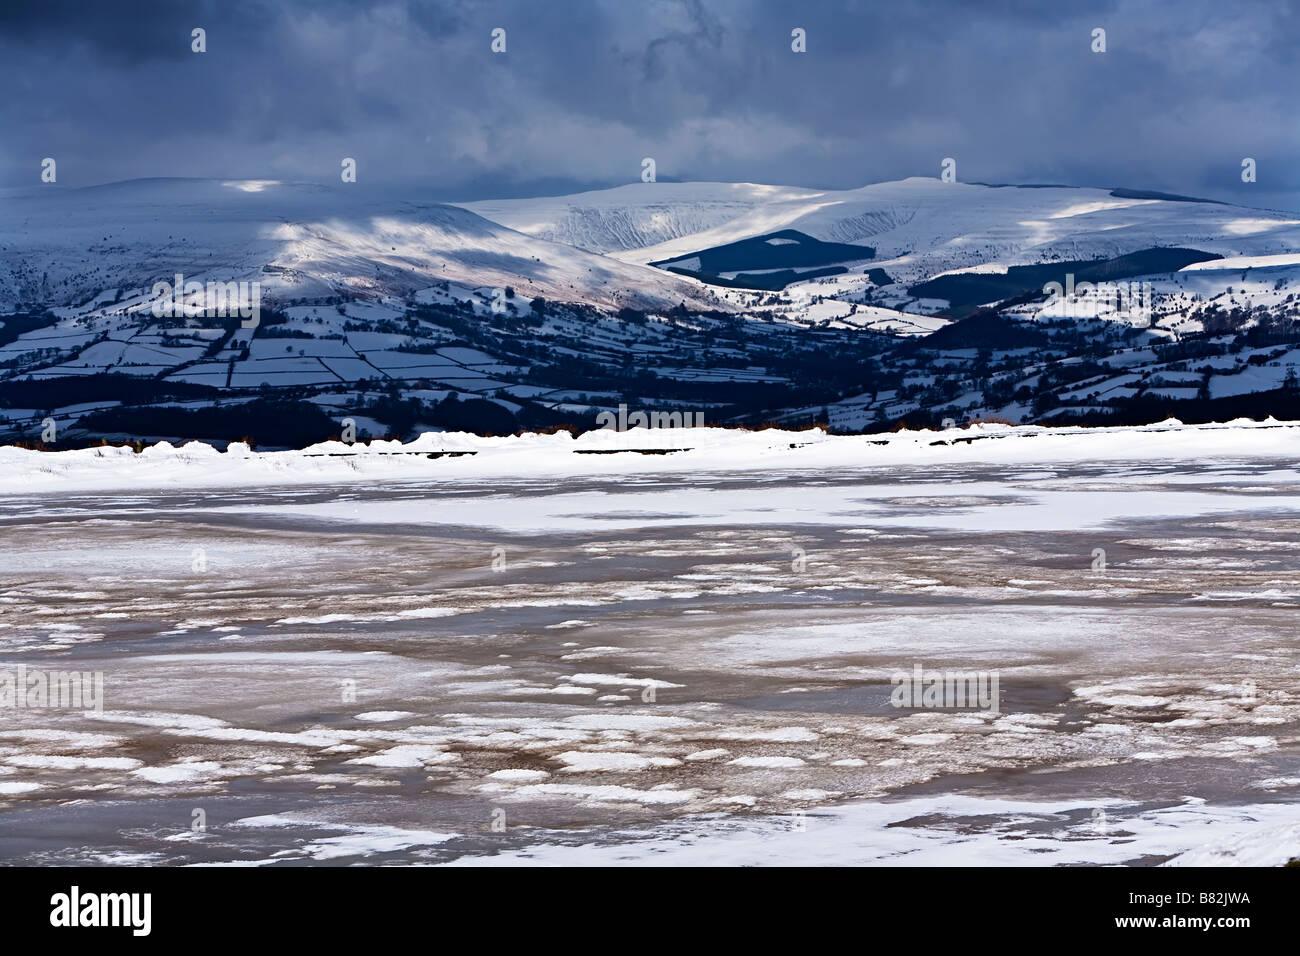 Keepers laghetto congelato in inverno con le montagne nere in distanza Blorenge Wales UK Immagini Stock